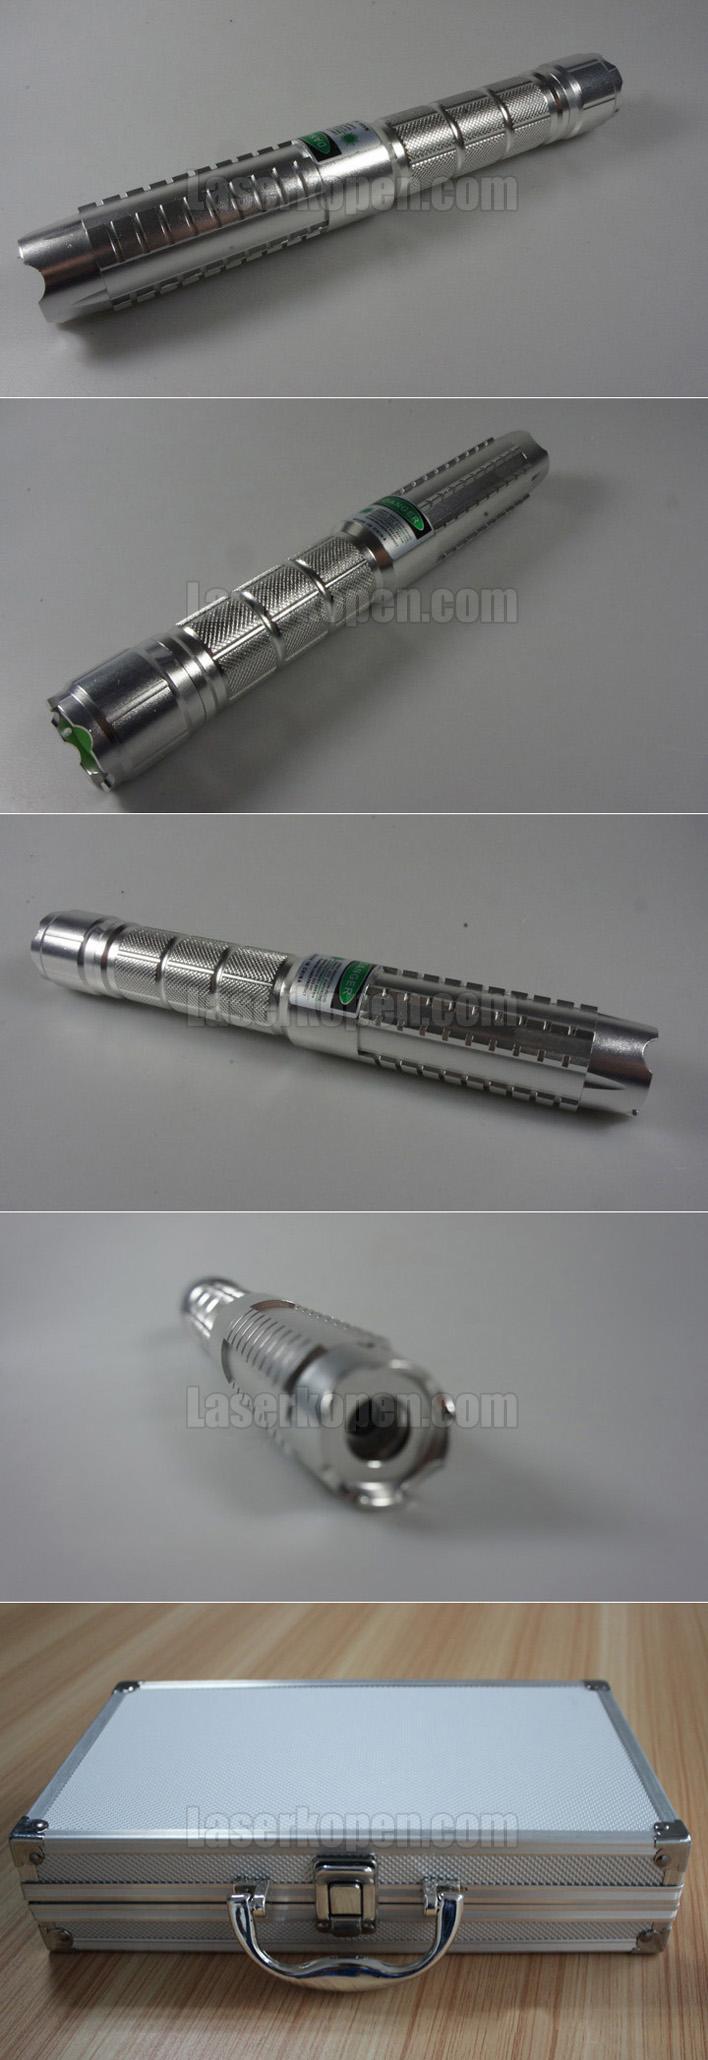 1000mW groene laserpen